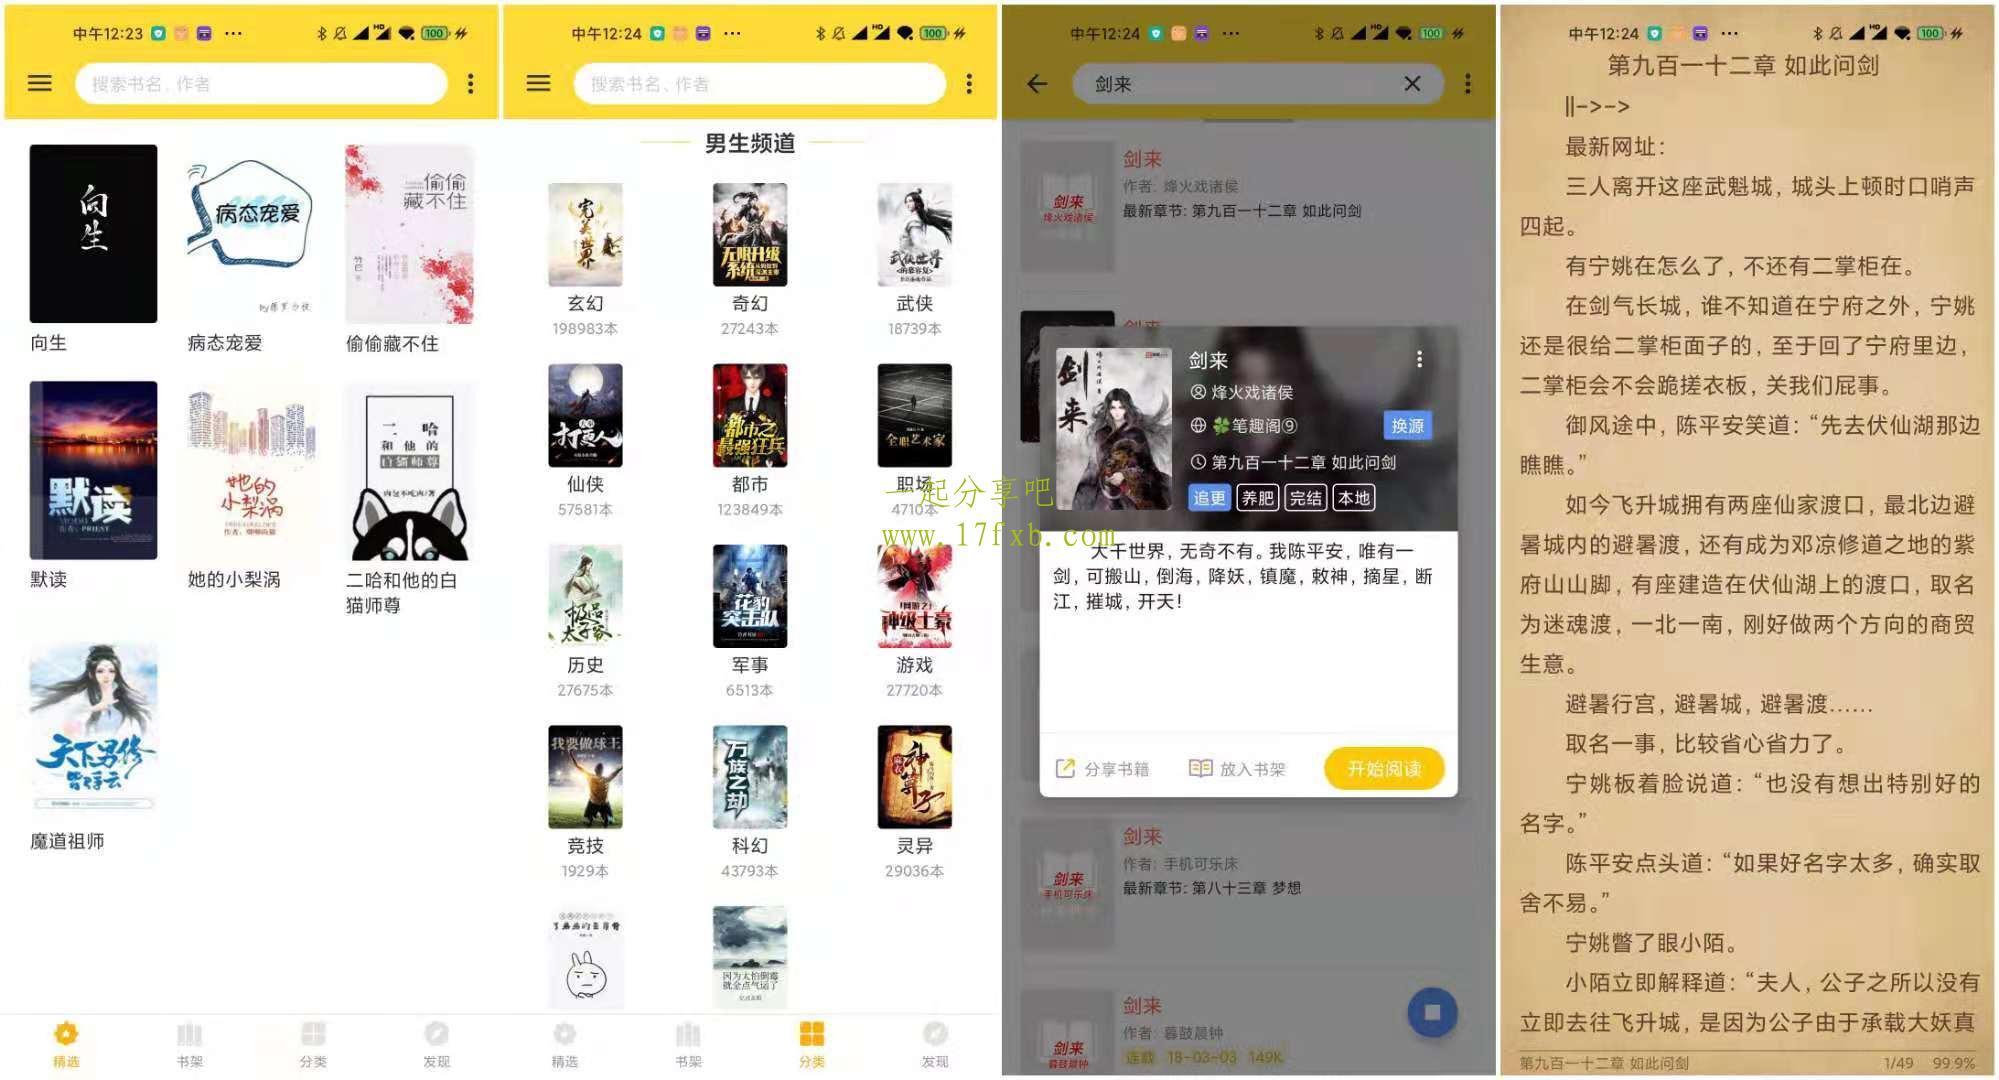 神奇搜书 v2.03.6 可换源看女频的小说阅读软件 第1张